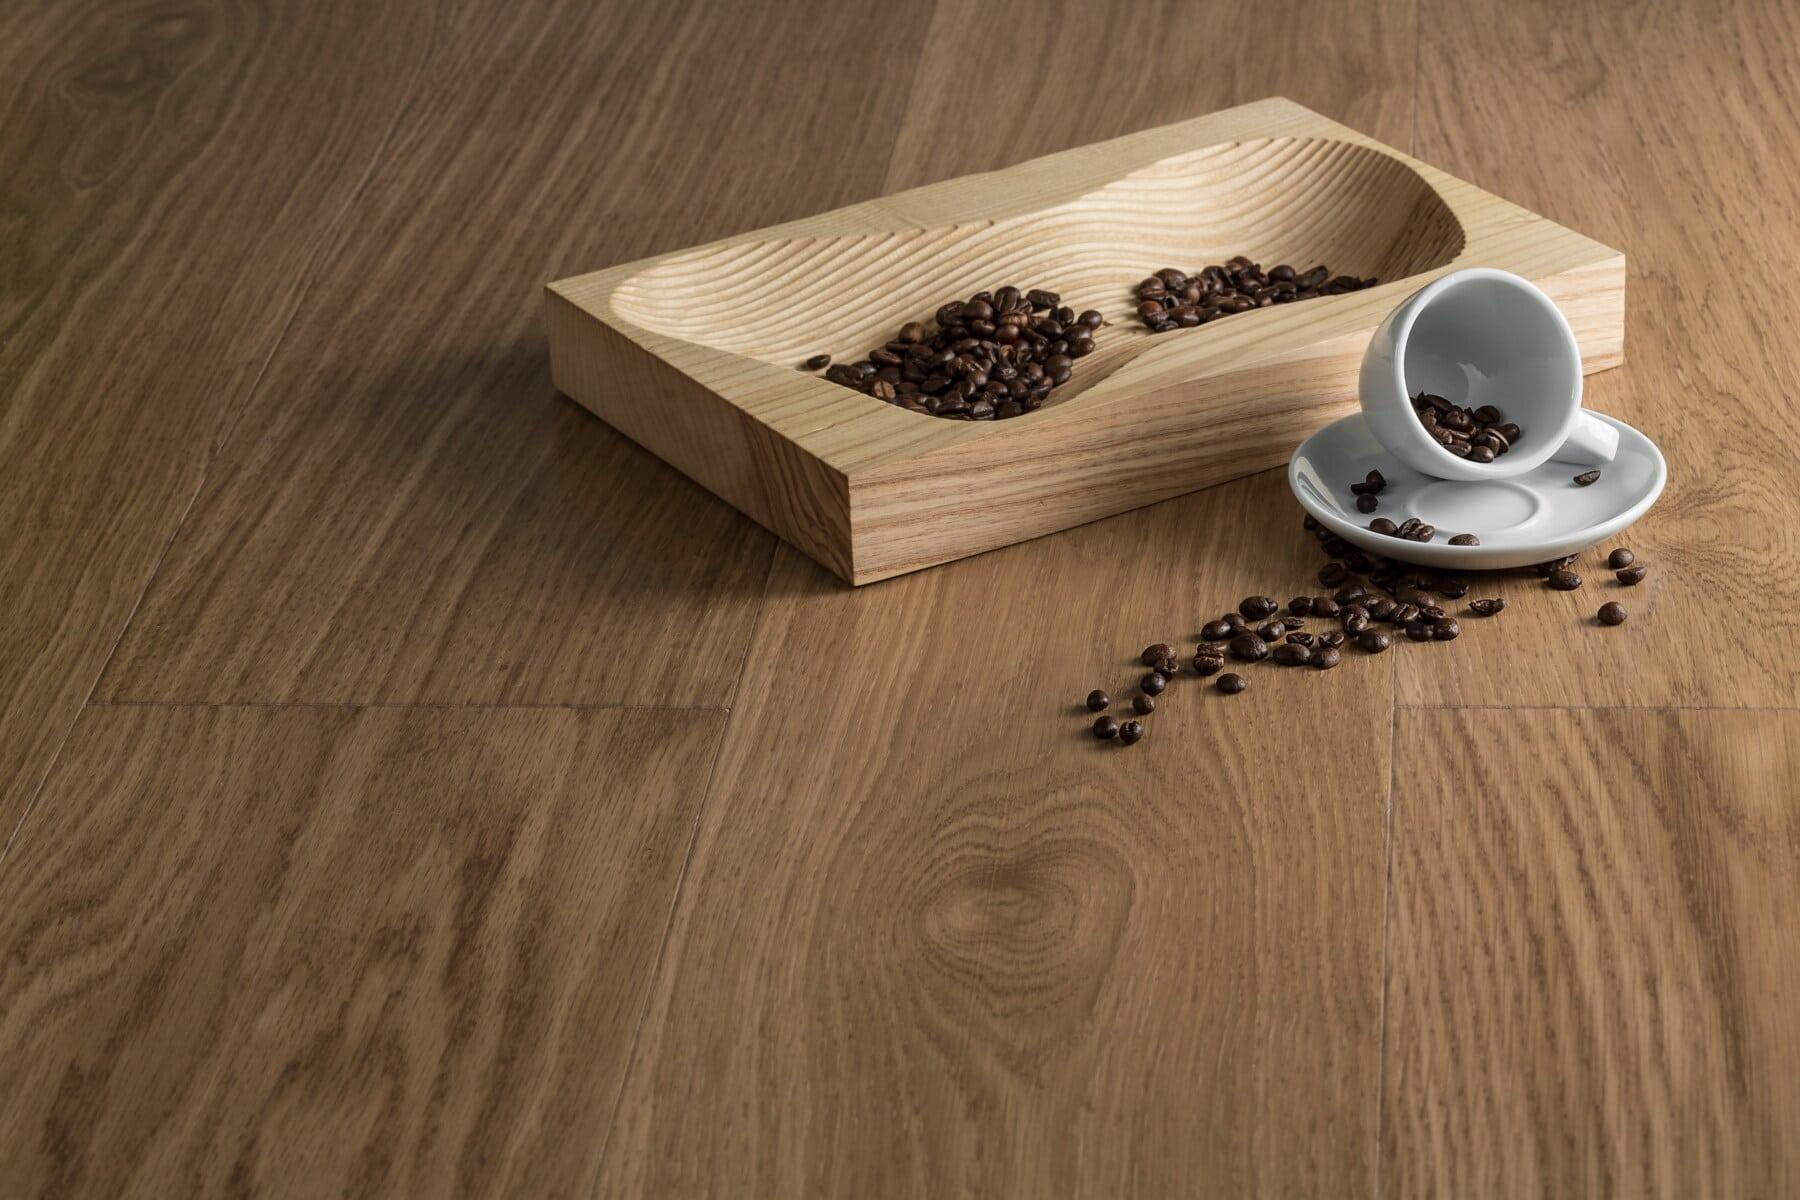 种子, 烤, 咖啡, 咖啡杯, 硬木, 木材, 服务, 地板, 木, 黑暗